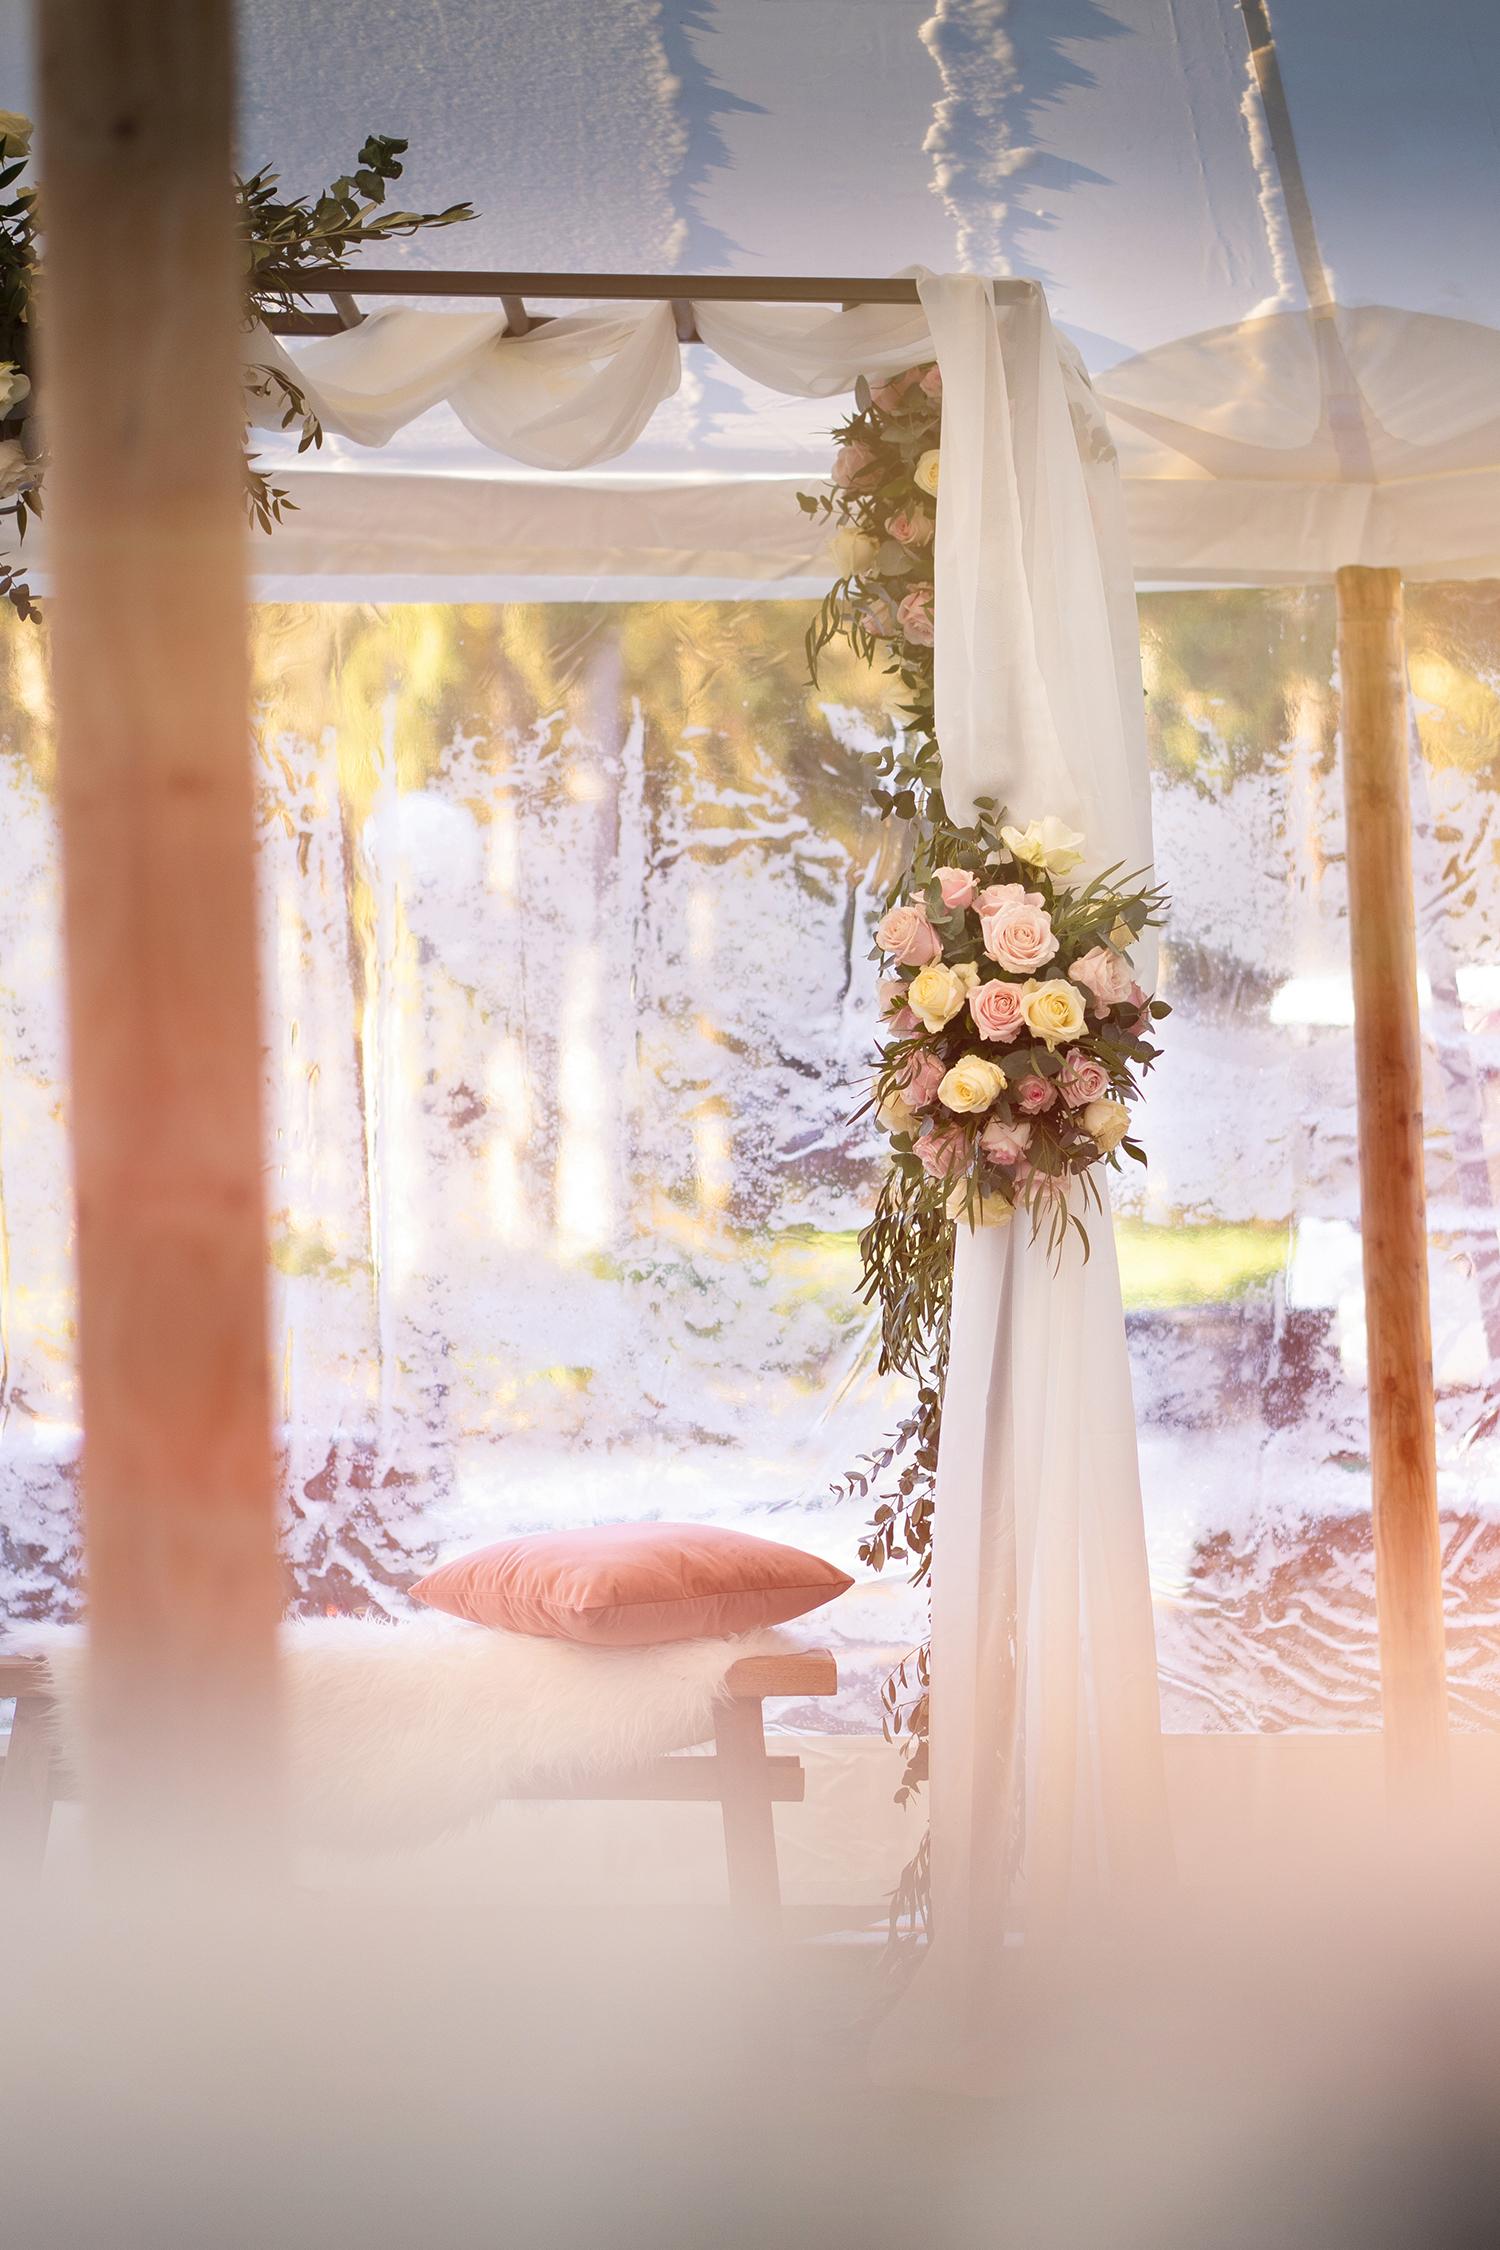 Bloemstyling maakt je bruiloft compleet